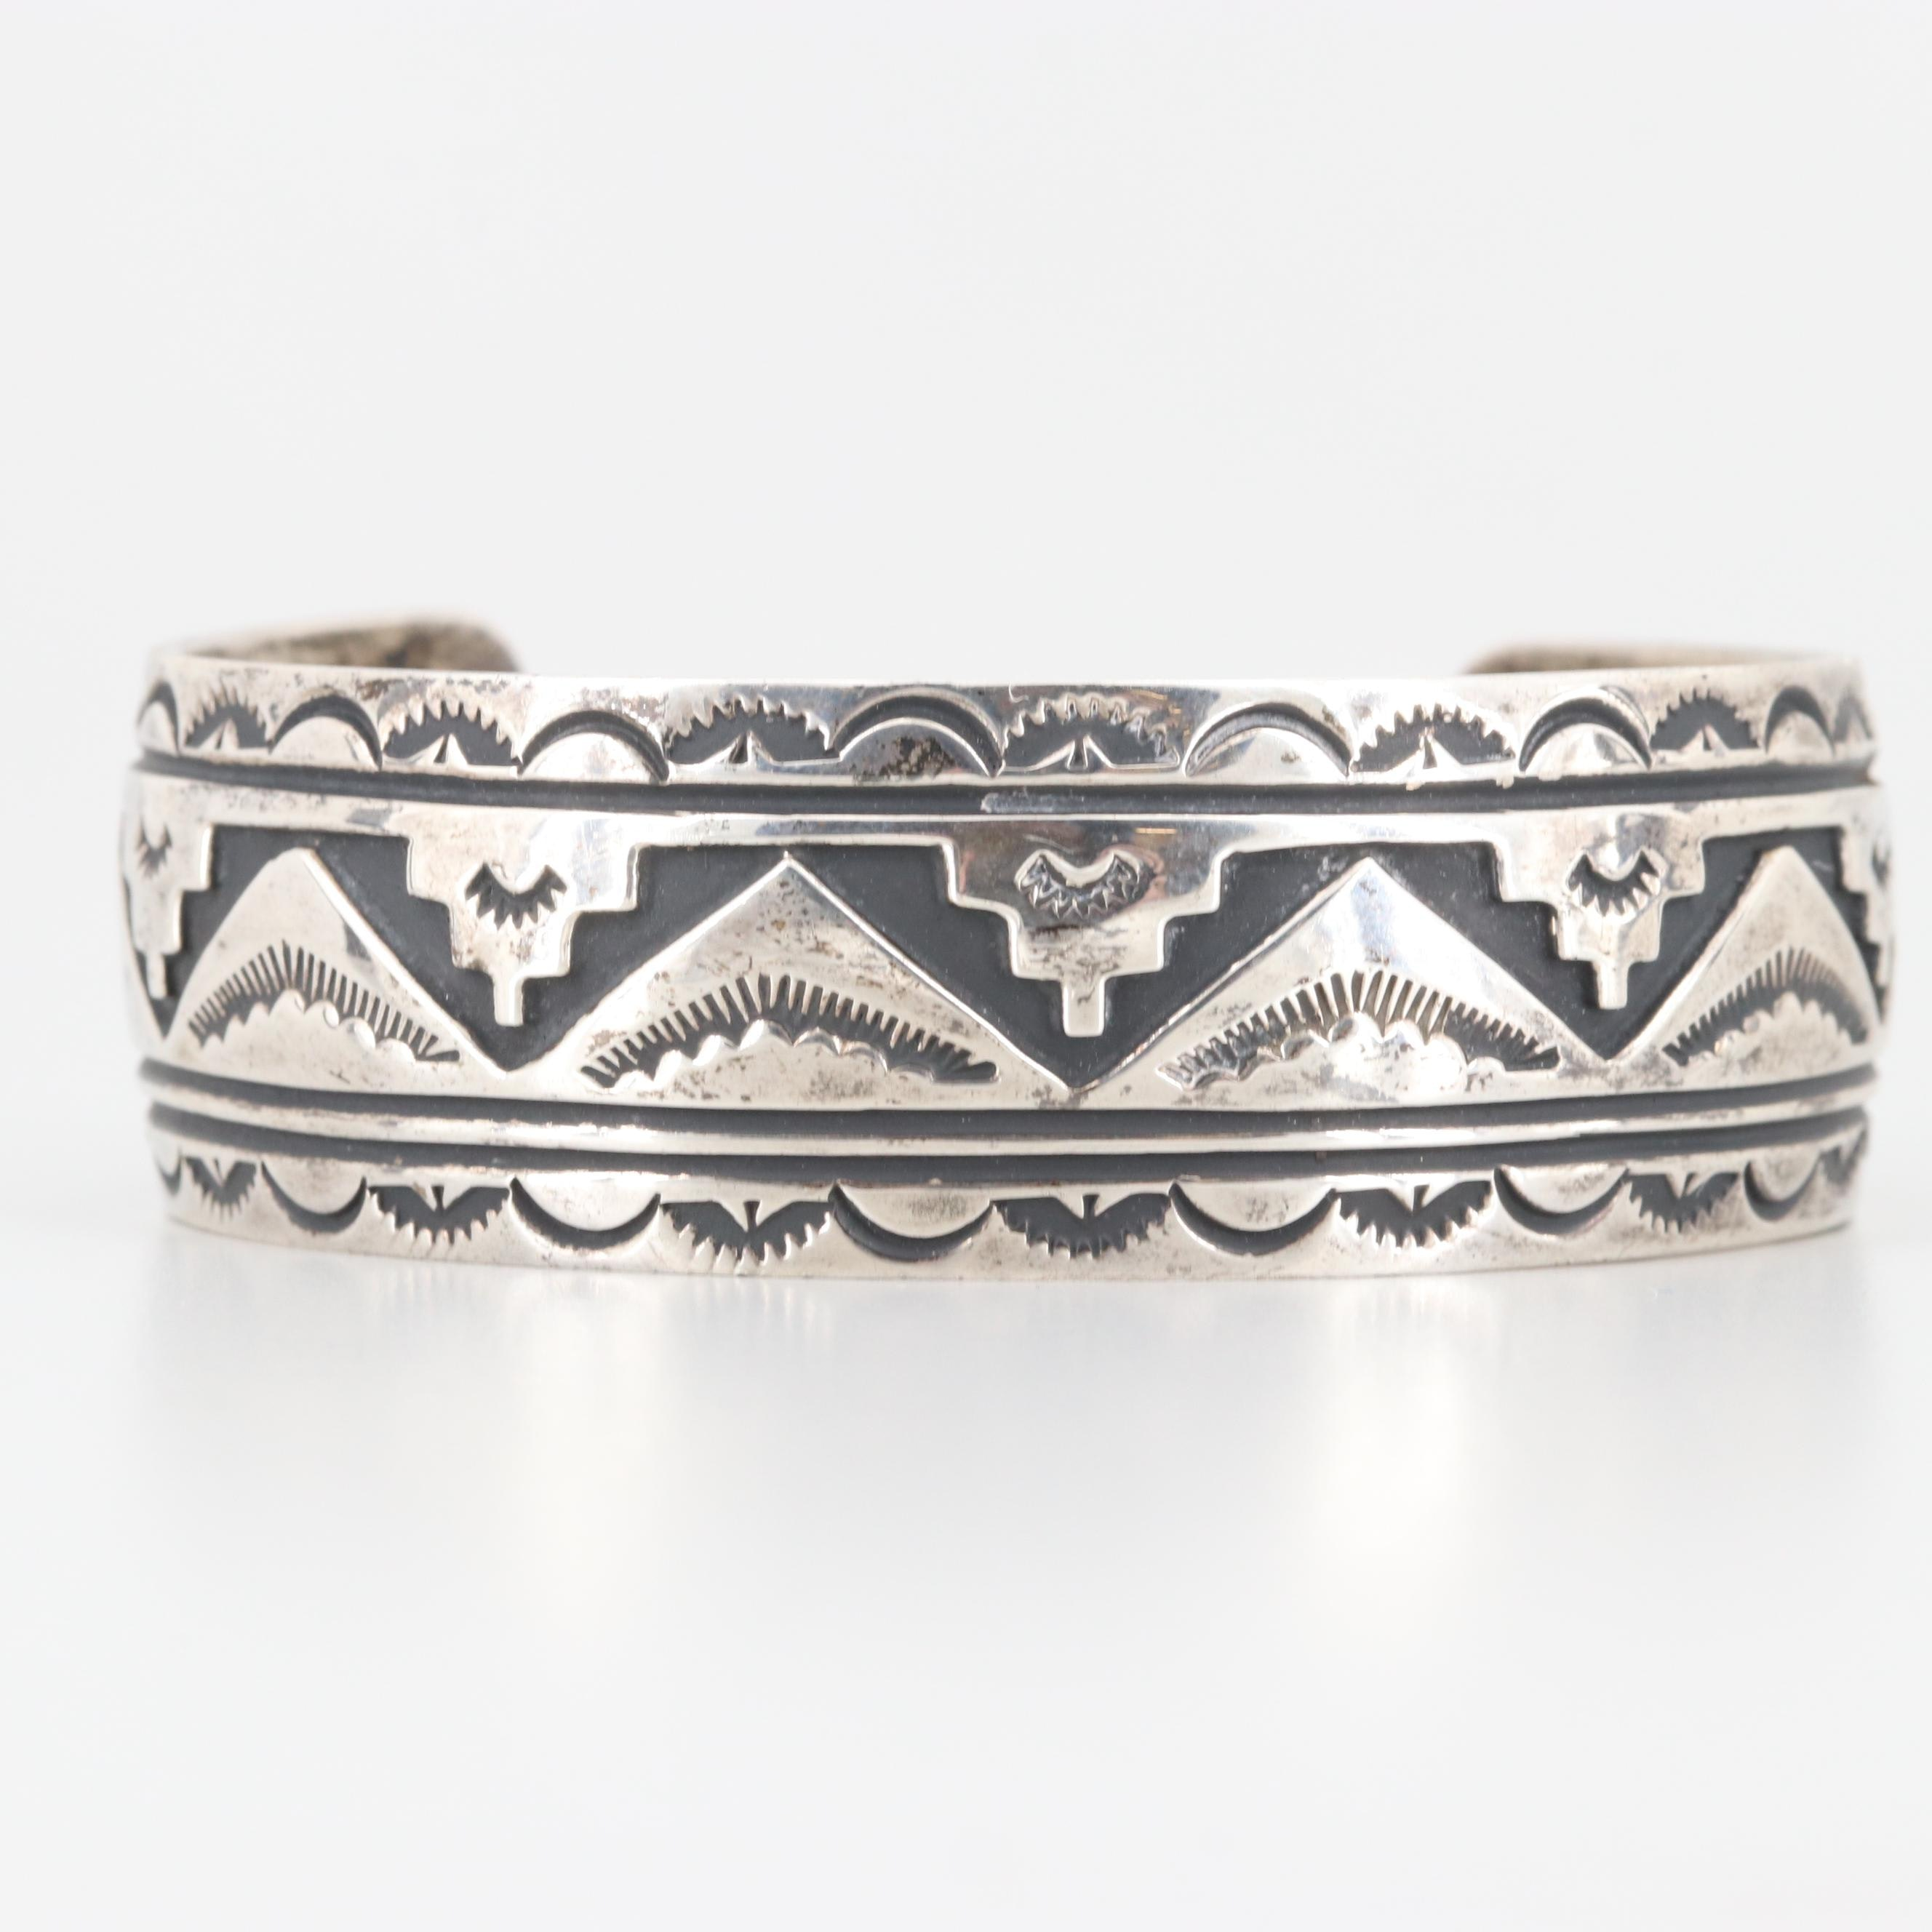 Tom Billy Navajo Diné Sterling Silver Overlay Cuff Bracelet